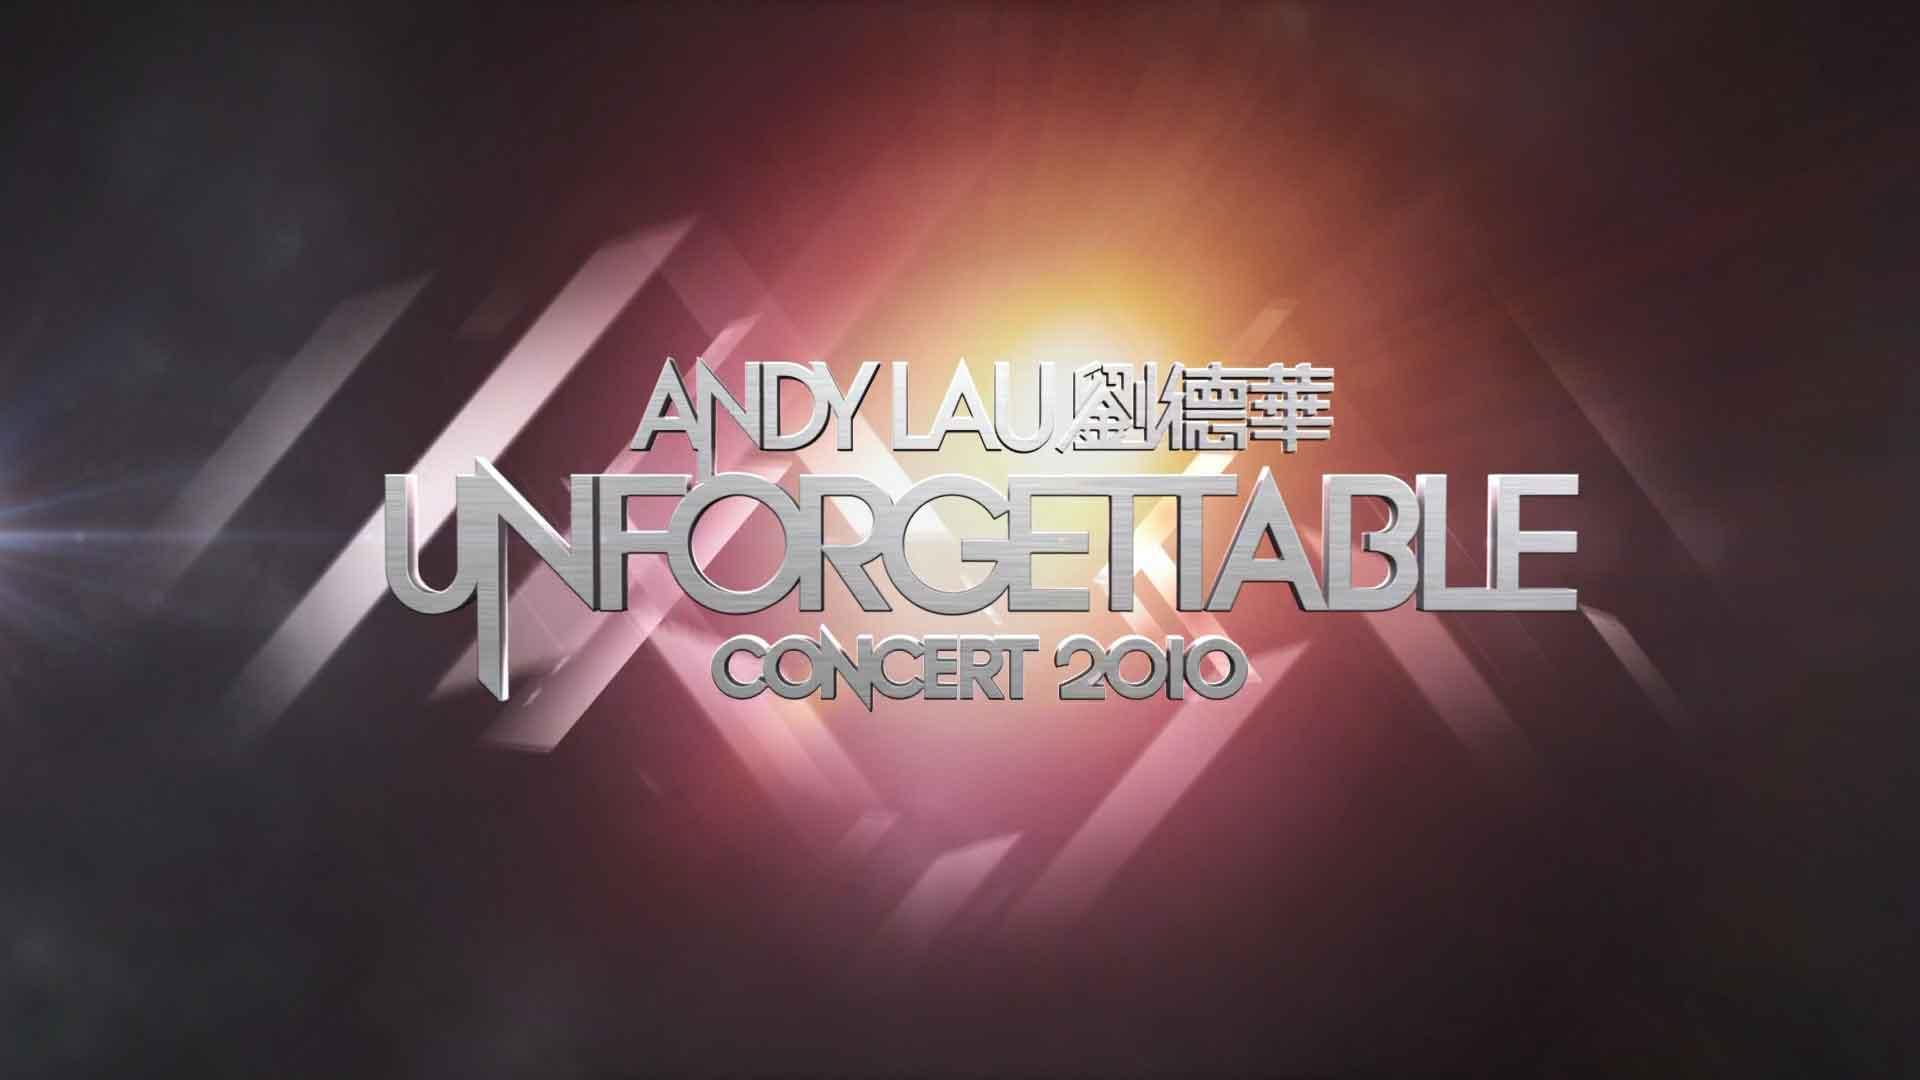 [蓝光原盘] 刘德华 震撼红馆跨年演唱会 Unforgettable Concert 2010《BDMV 43.08G》